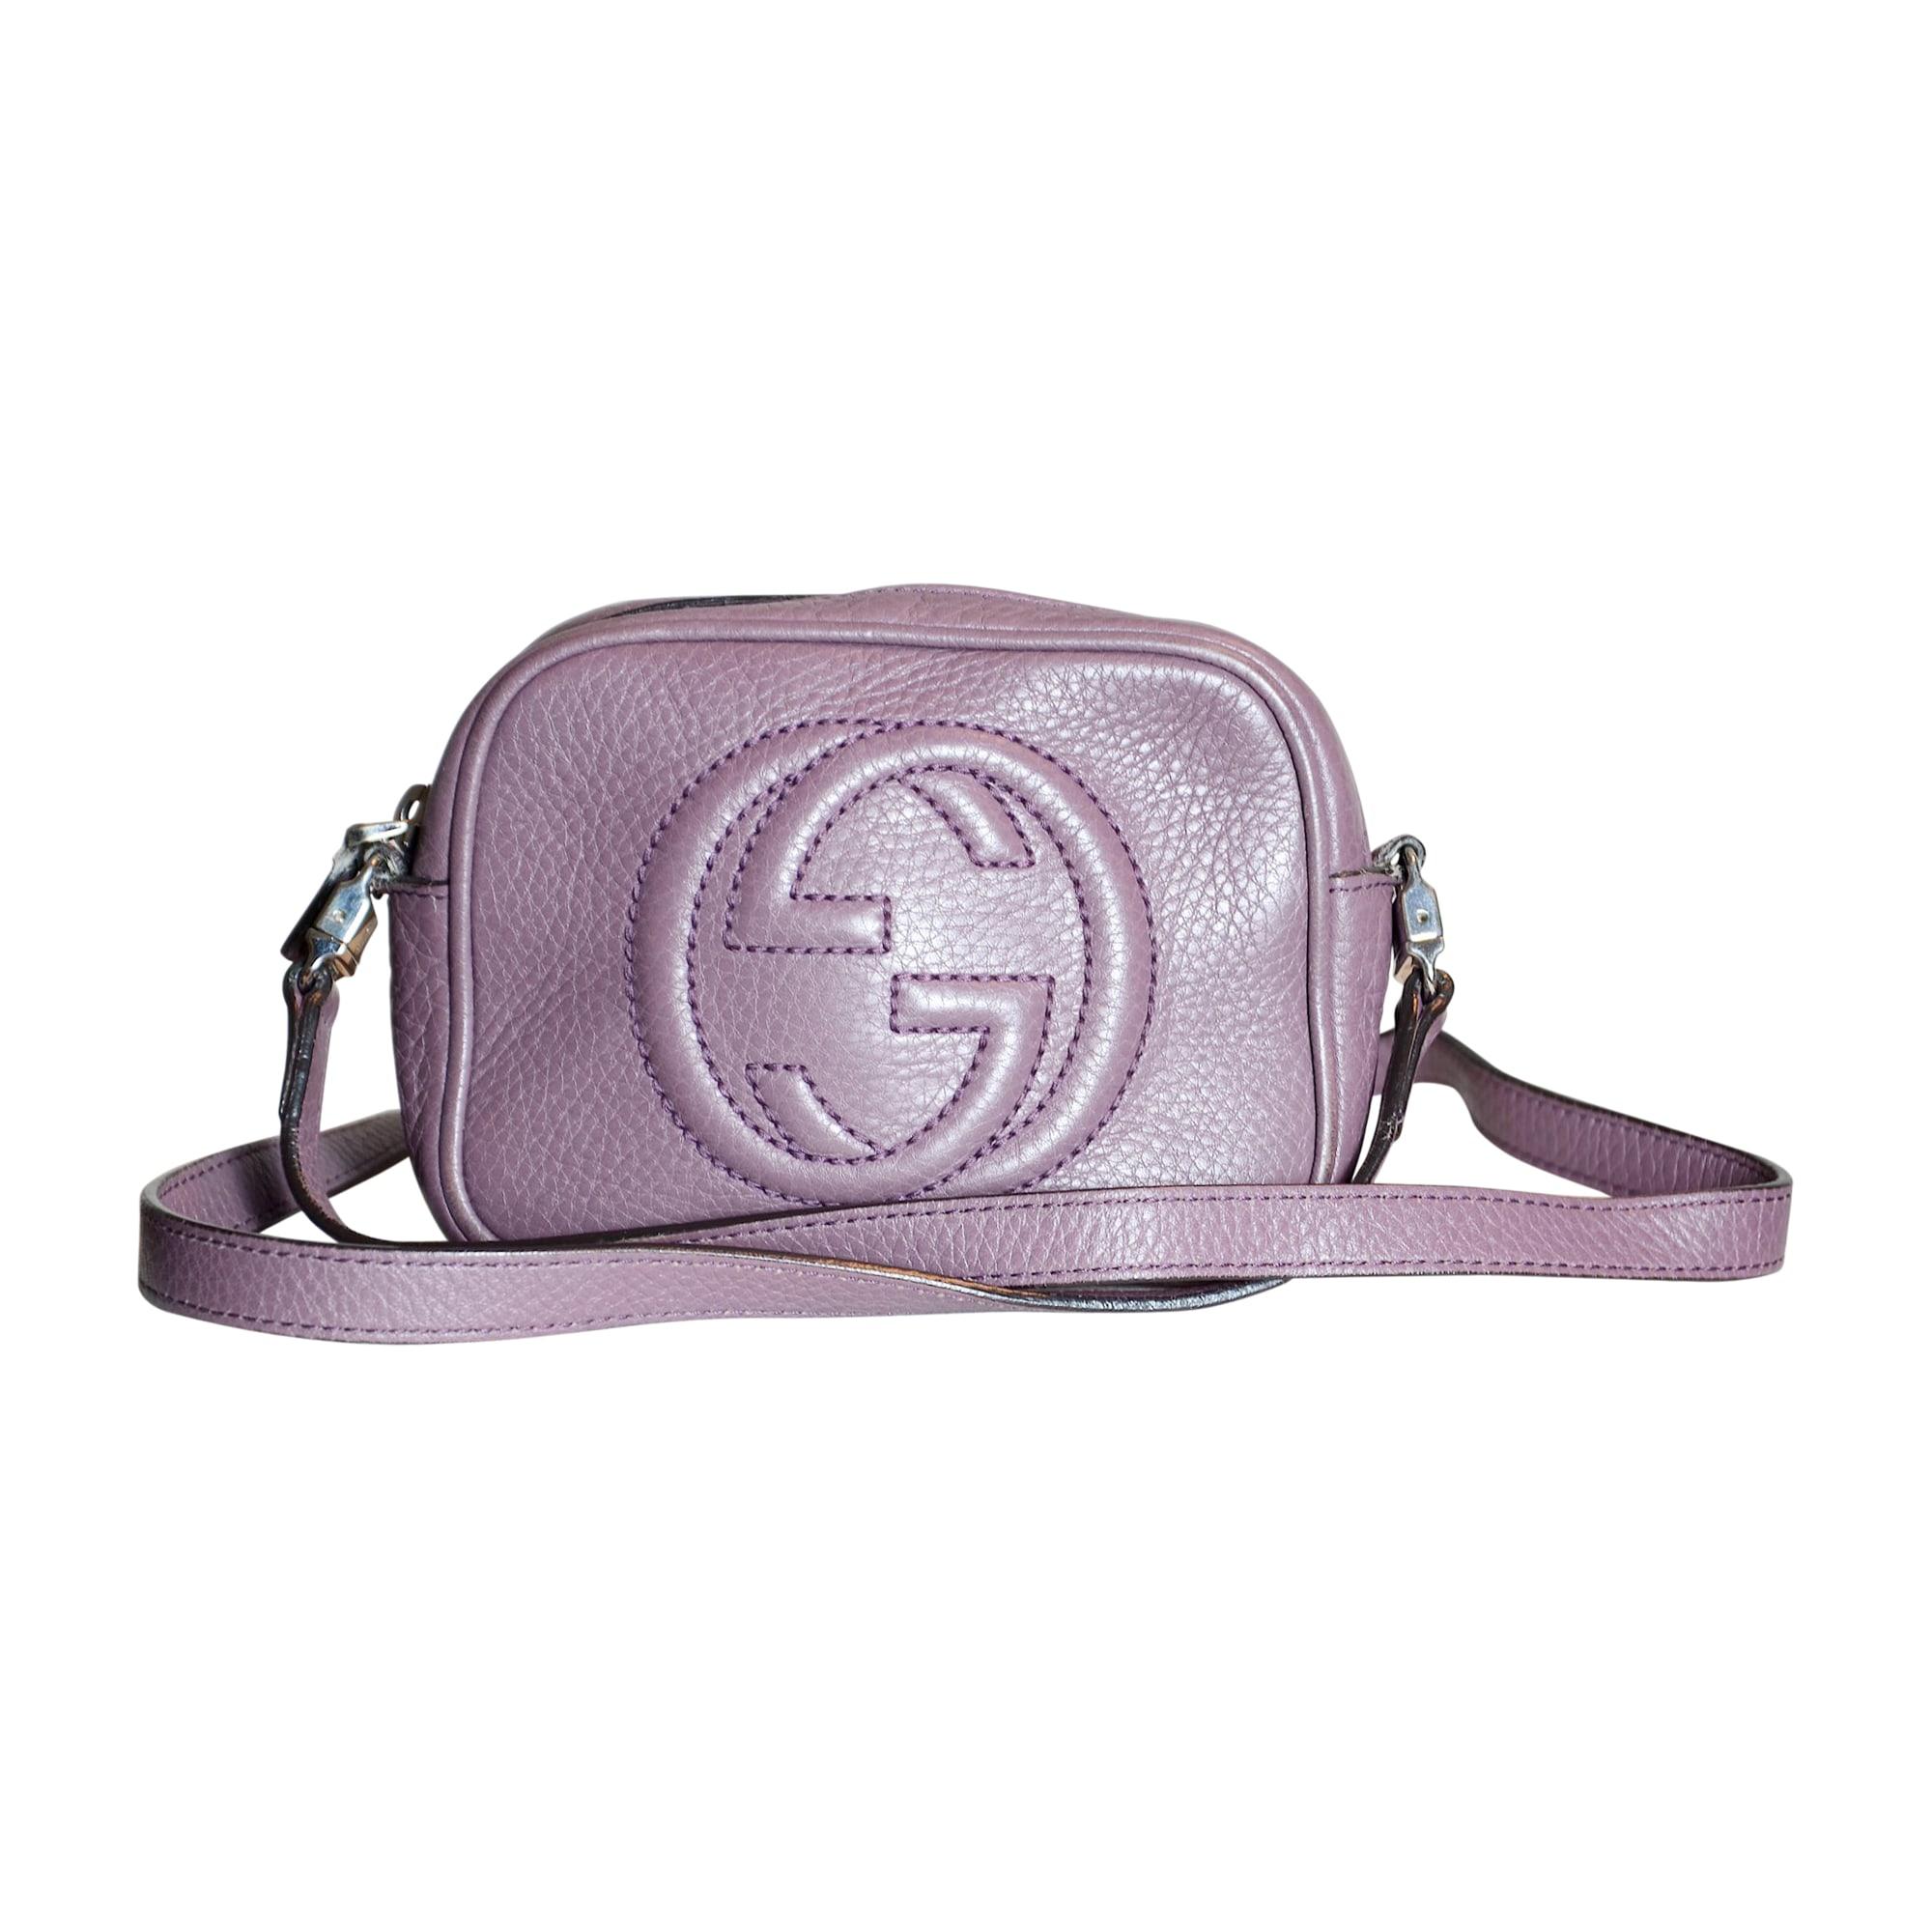 Leather Shoulder Bag GUCCI Purple, mauve, lavender